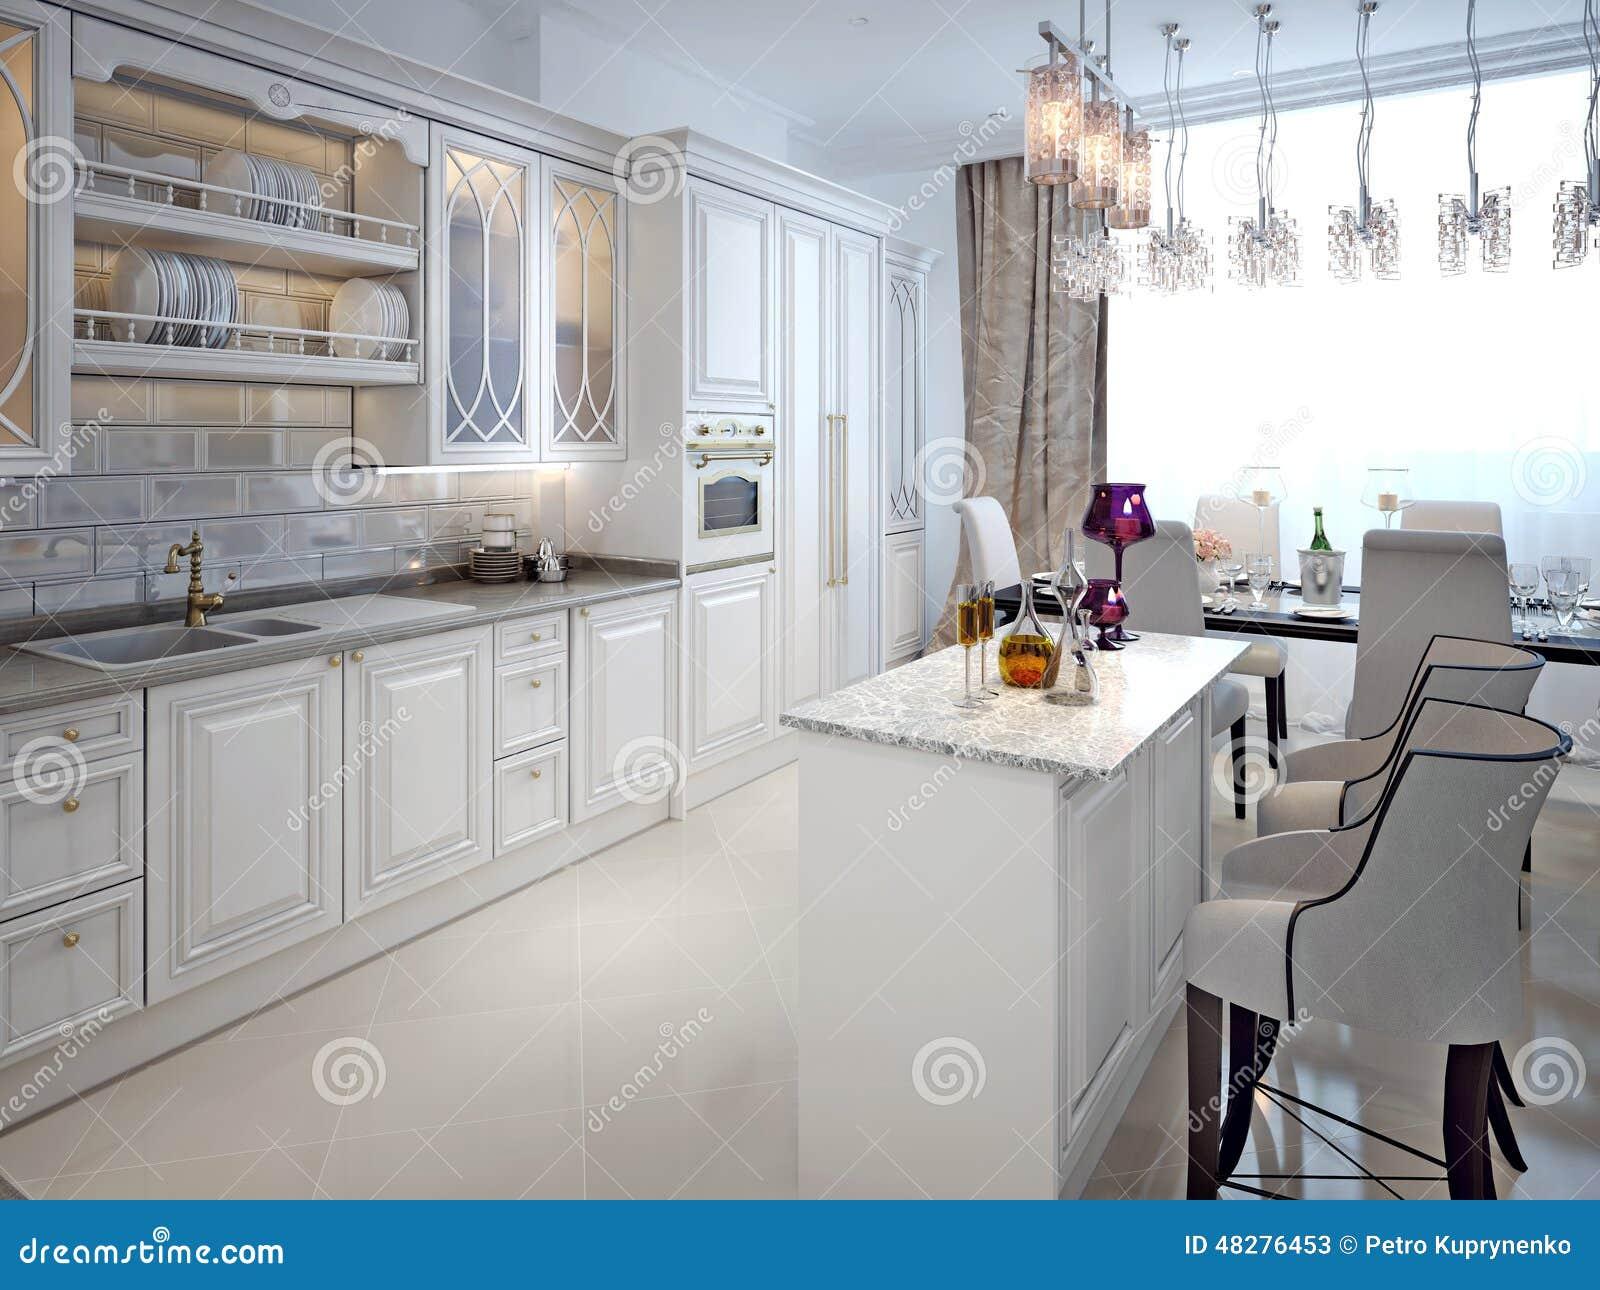 Cozinha No Estilo Clássico Ilustração Stock Imagem: 48276453 #82A328 1300 1065